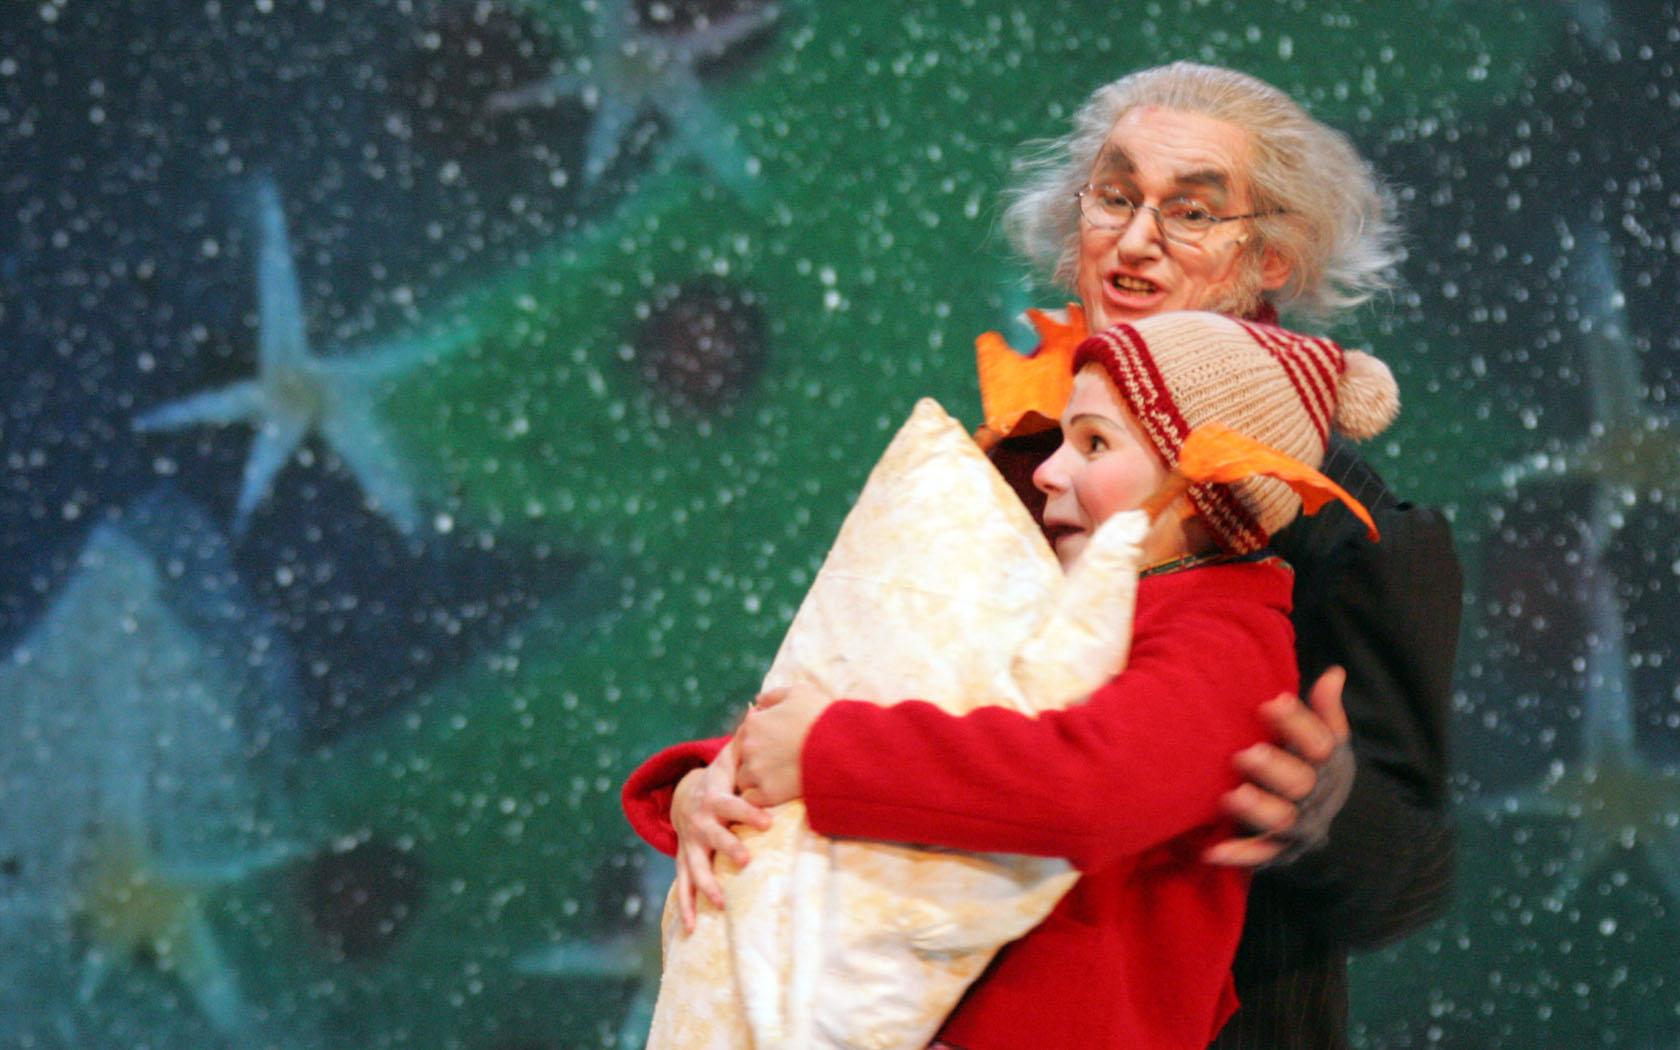 Franziska Krol als Bub - Scrooge